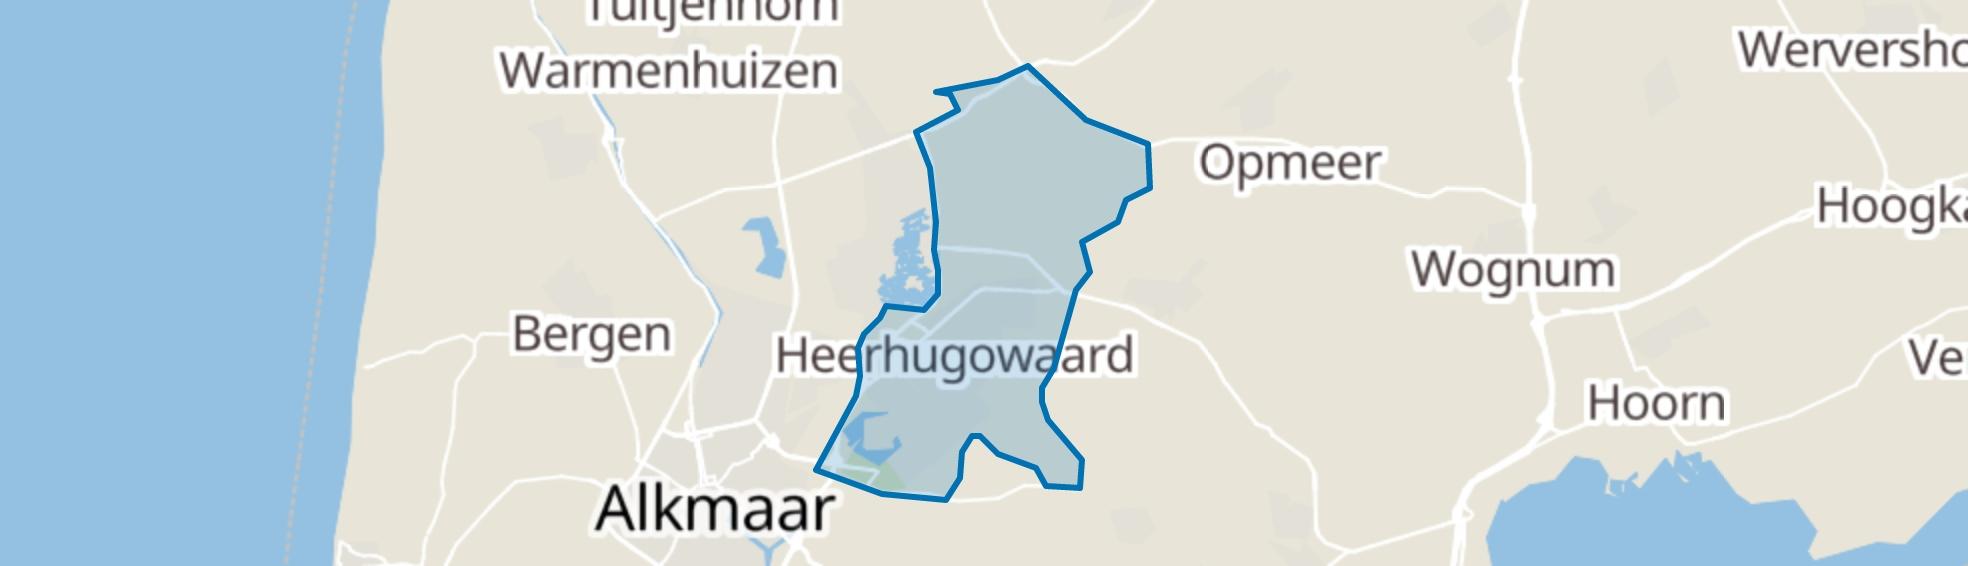 Heerhugowaard map